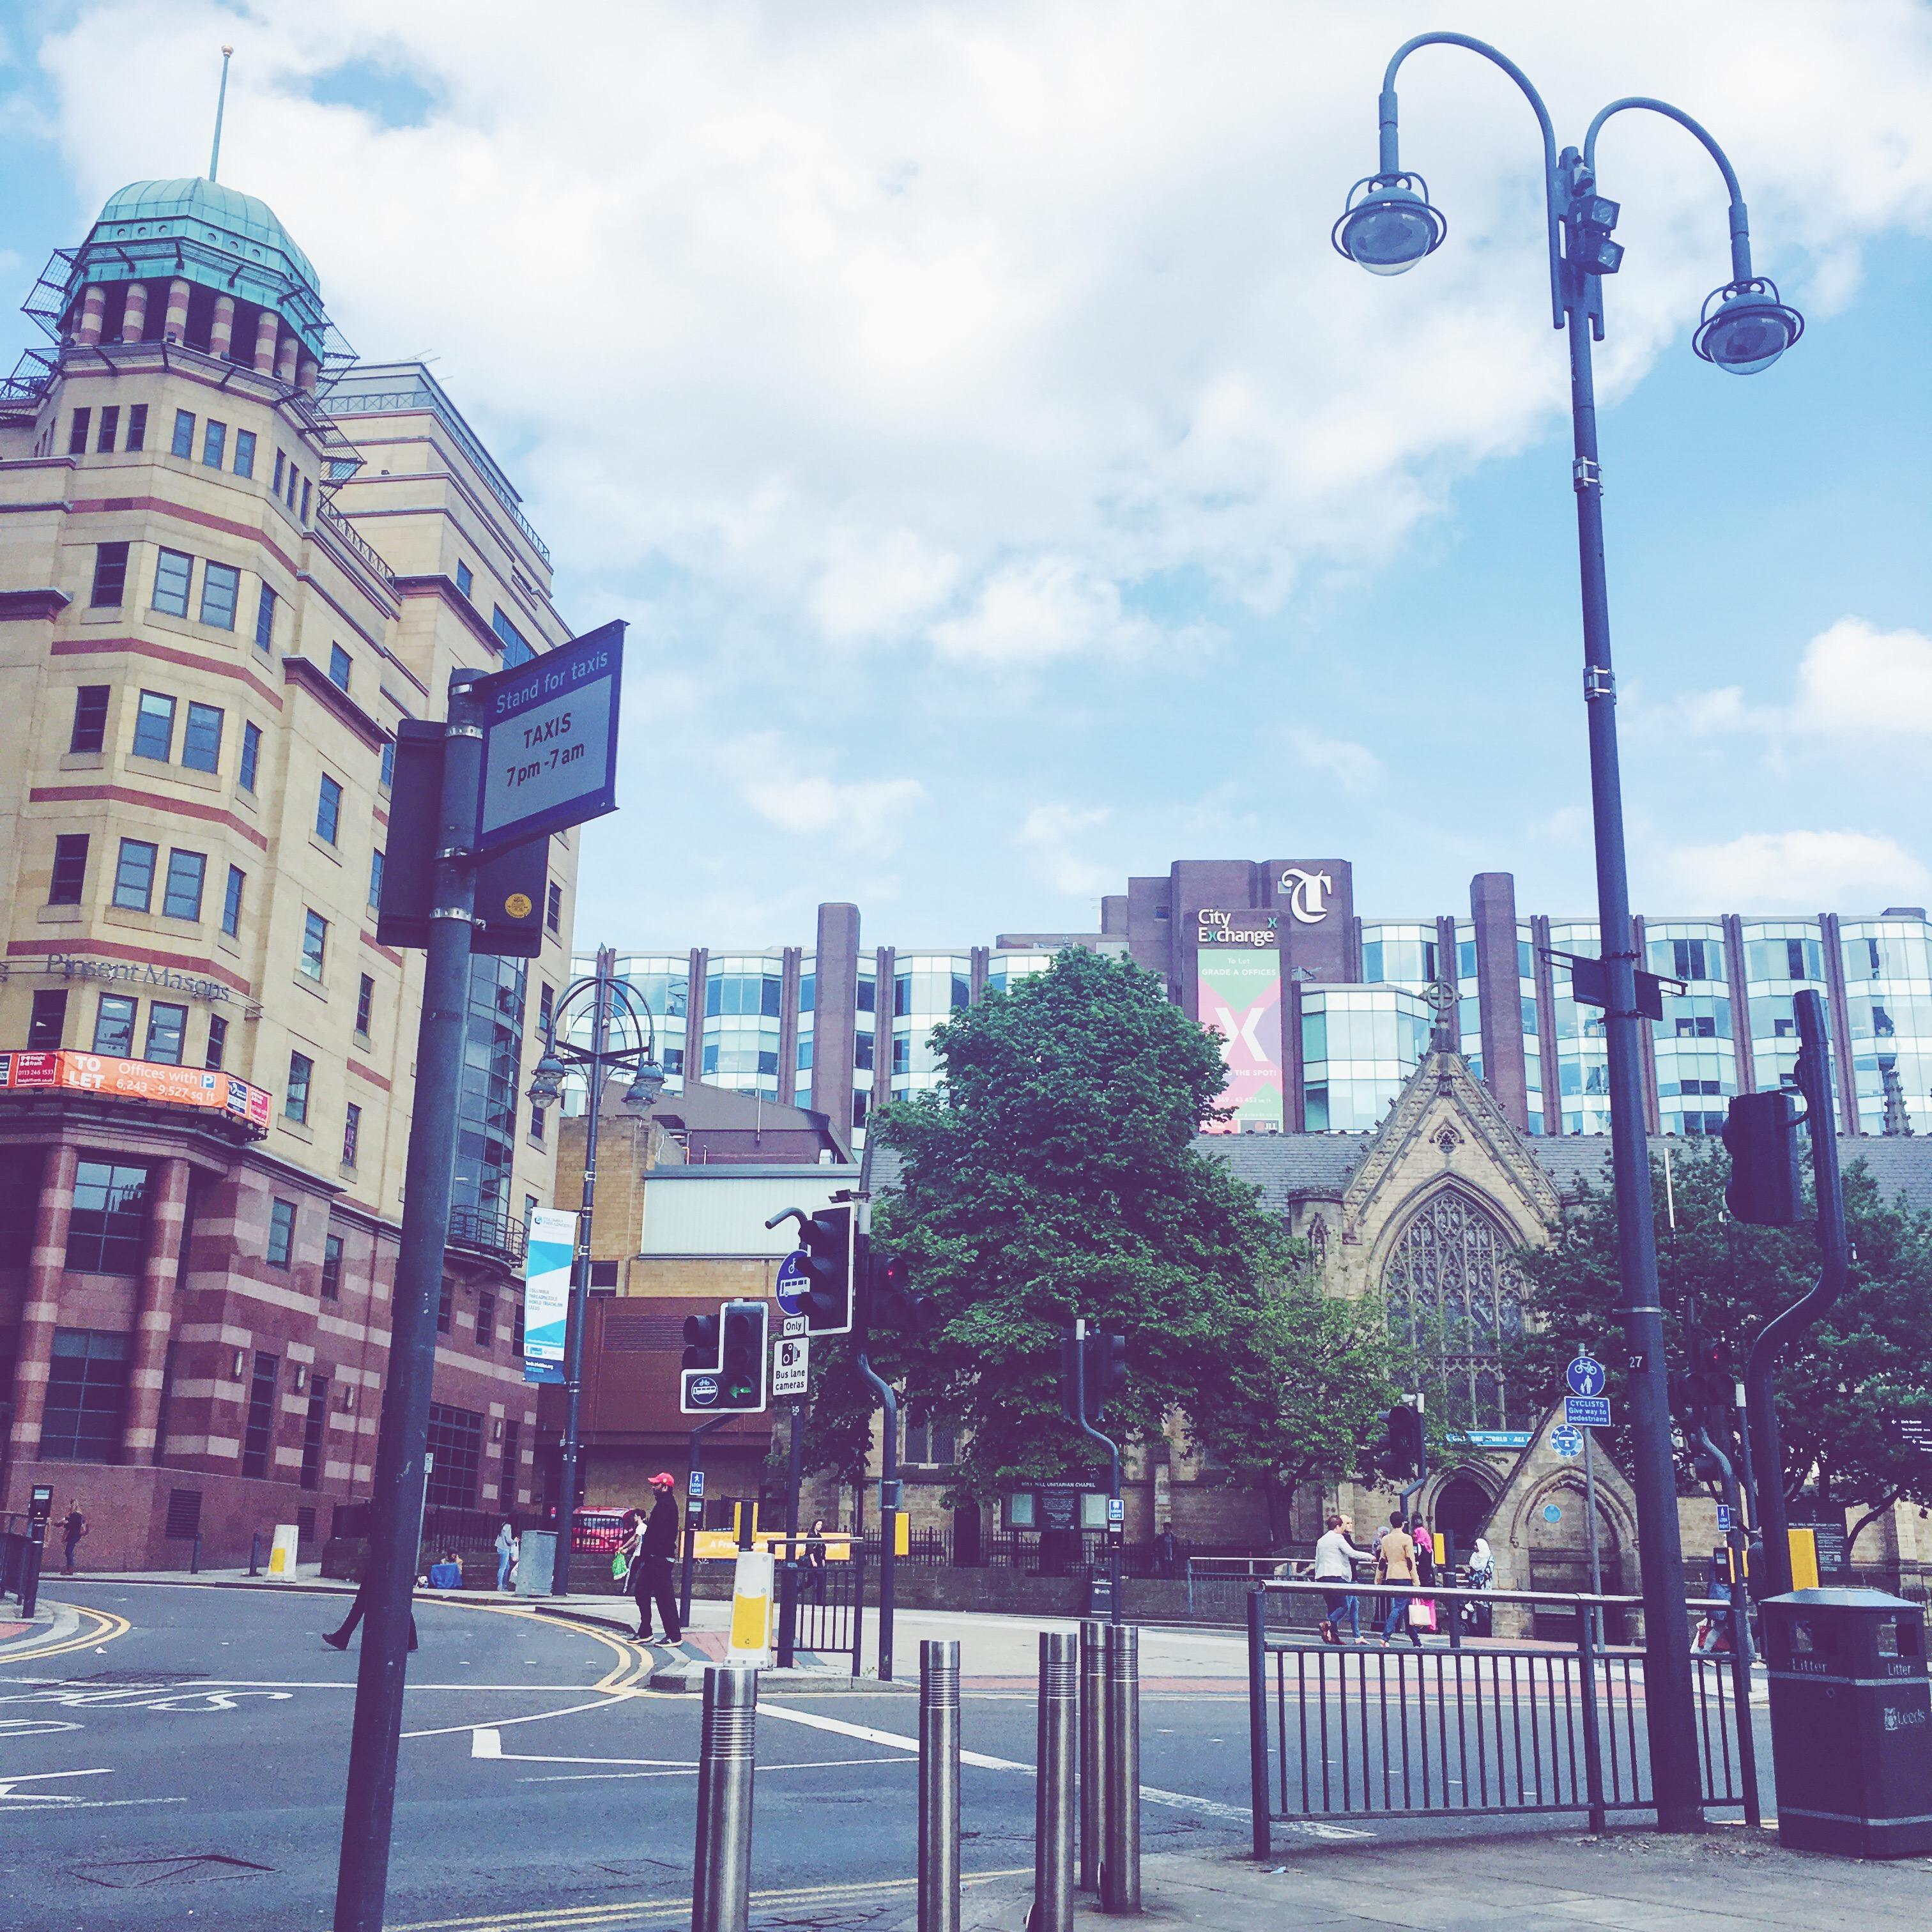 Leeds City Centre Summer 2016